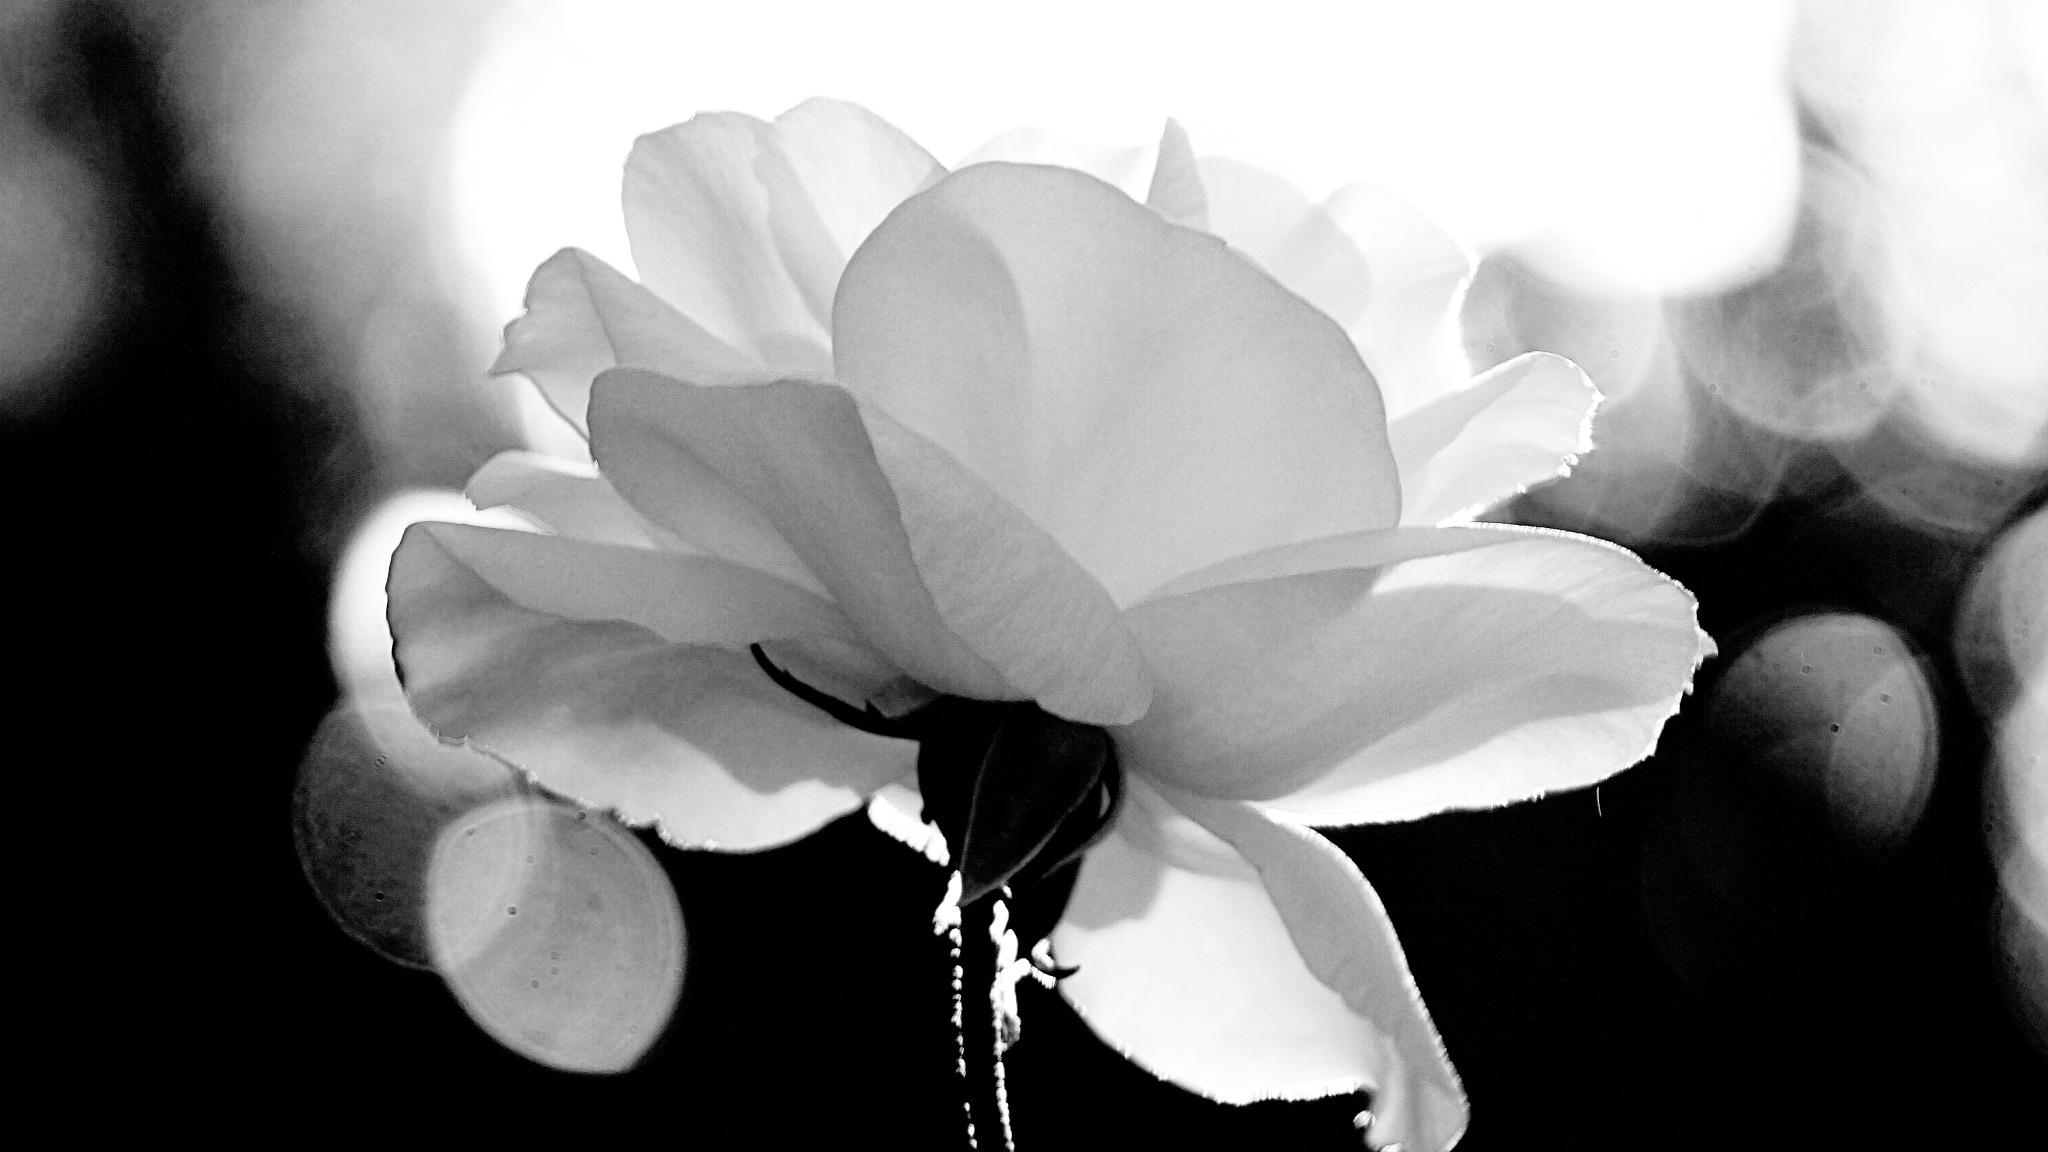 White Rose by José Evaldo Suassuna de Oliveira